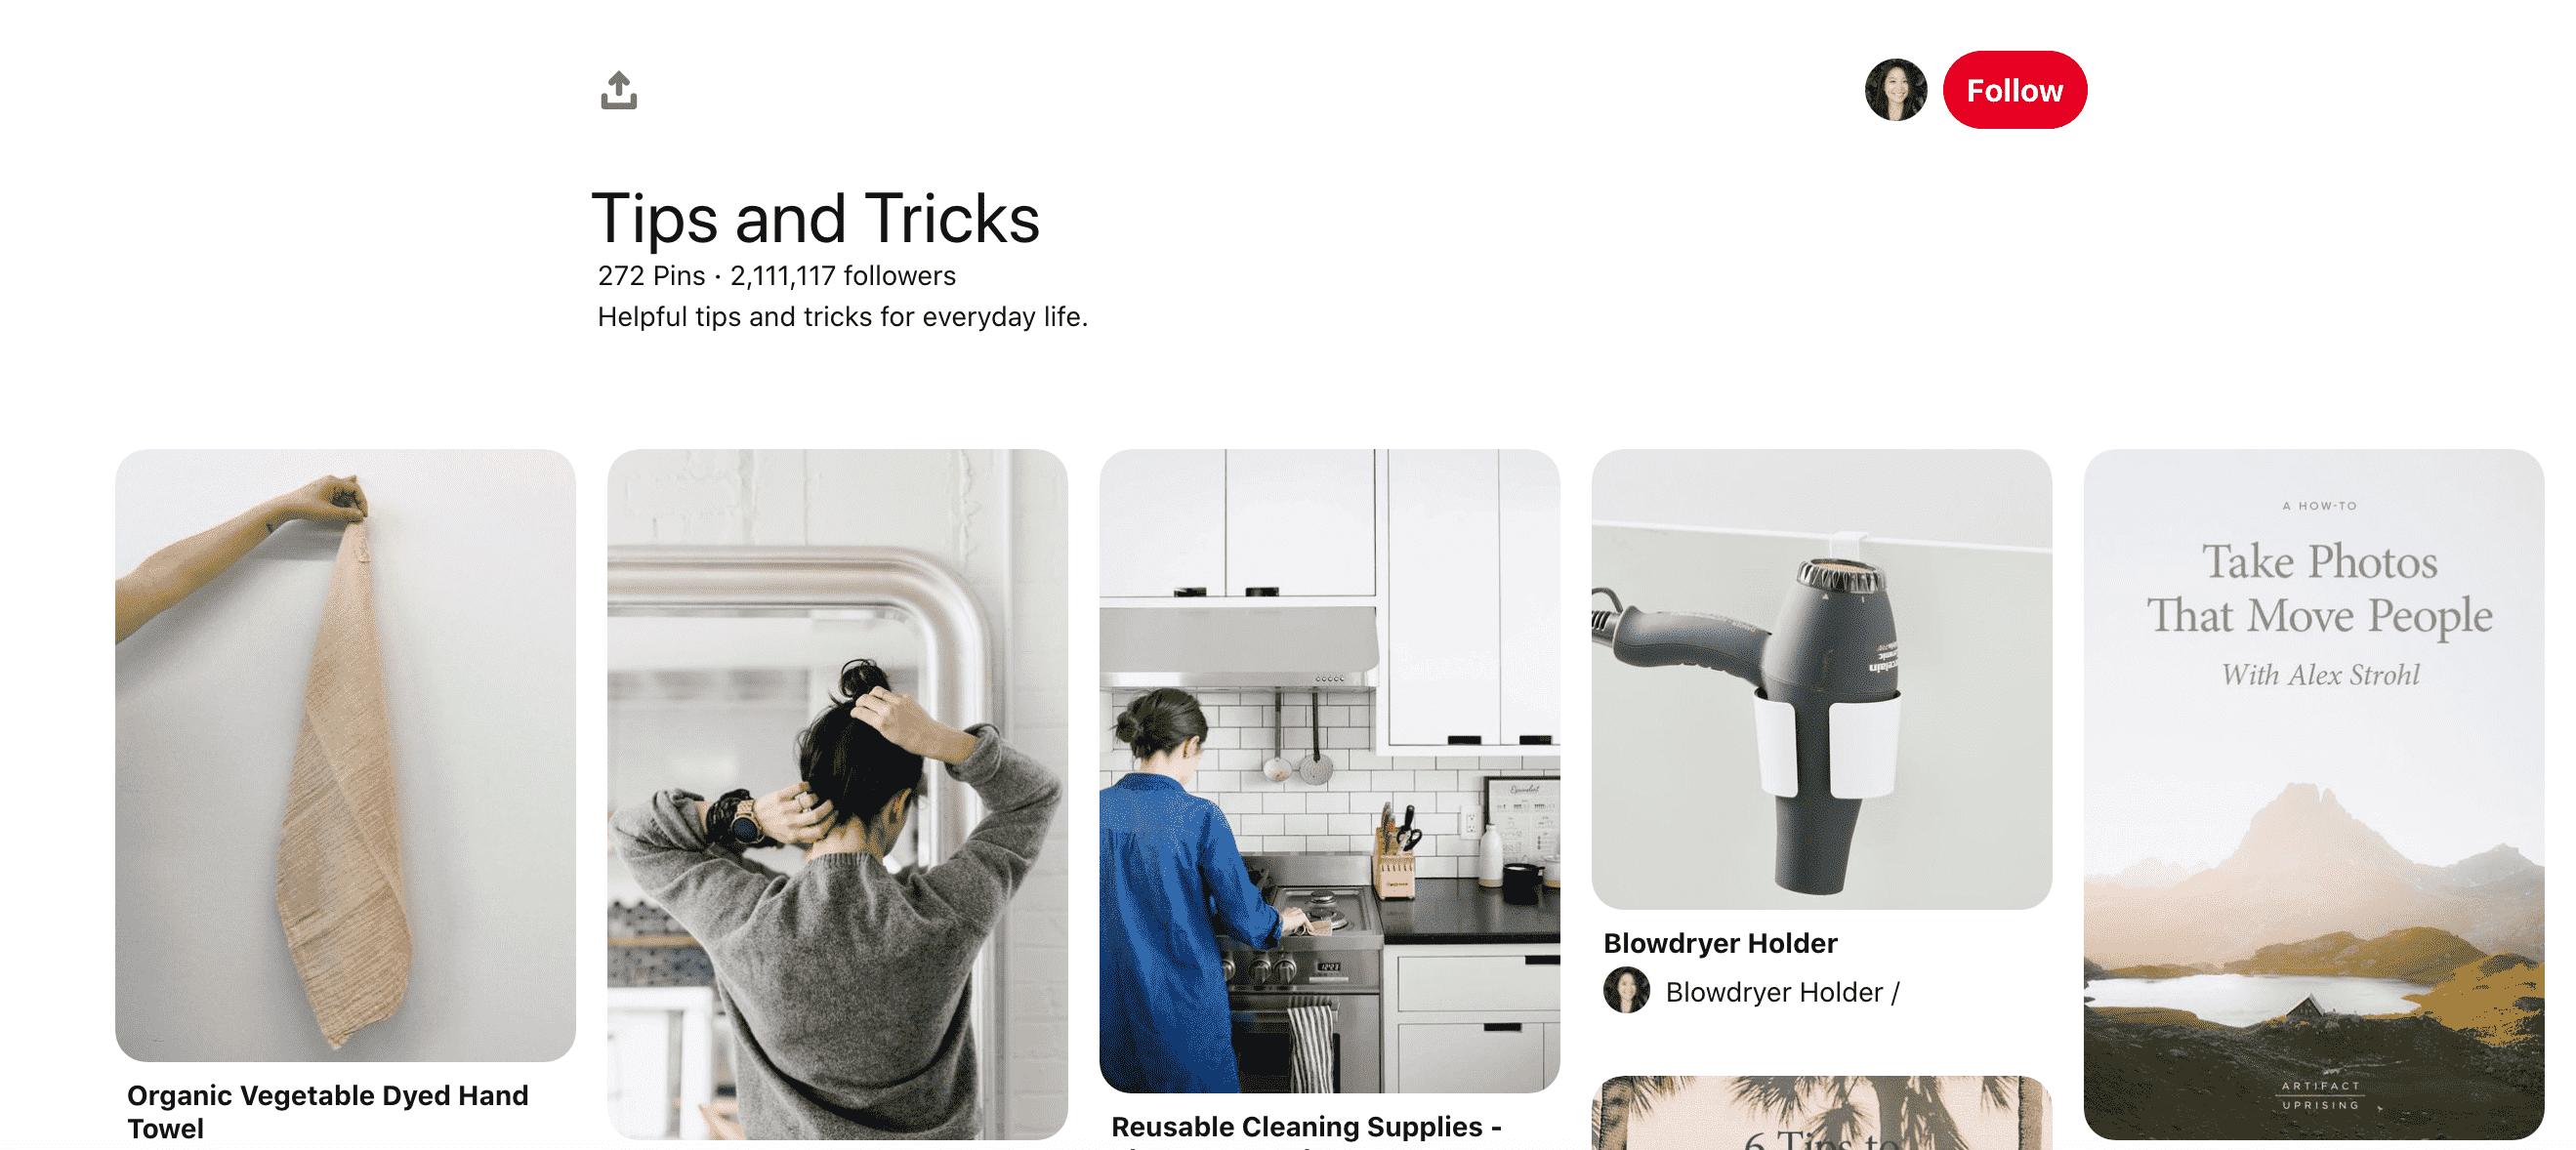 Tips & Tricks Board